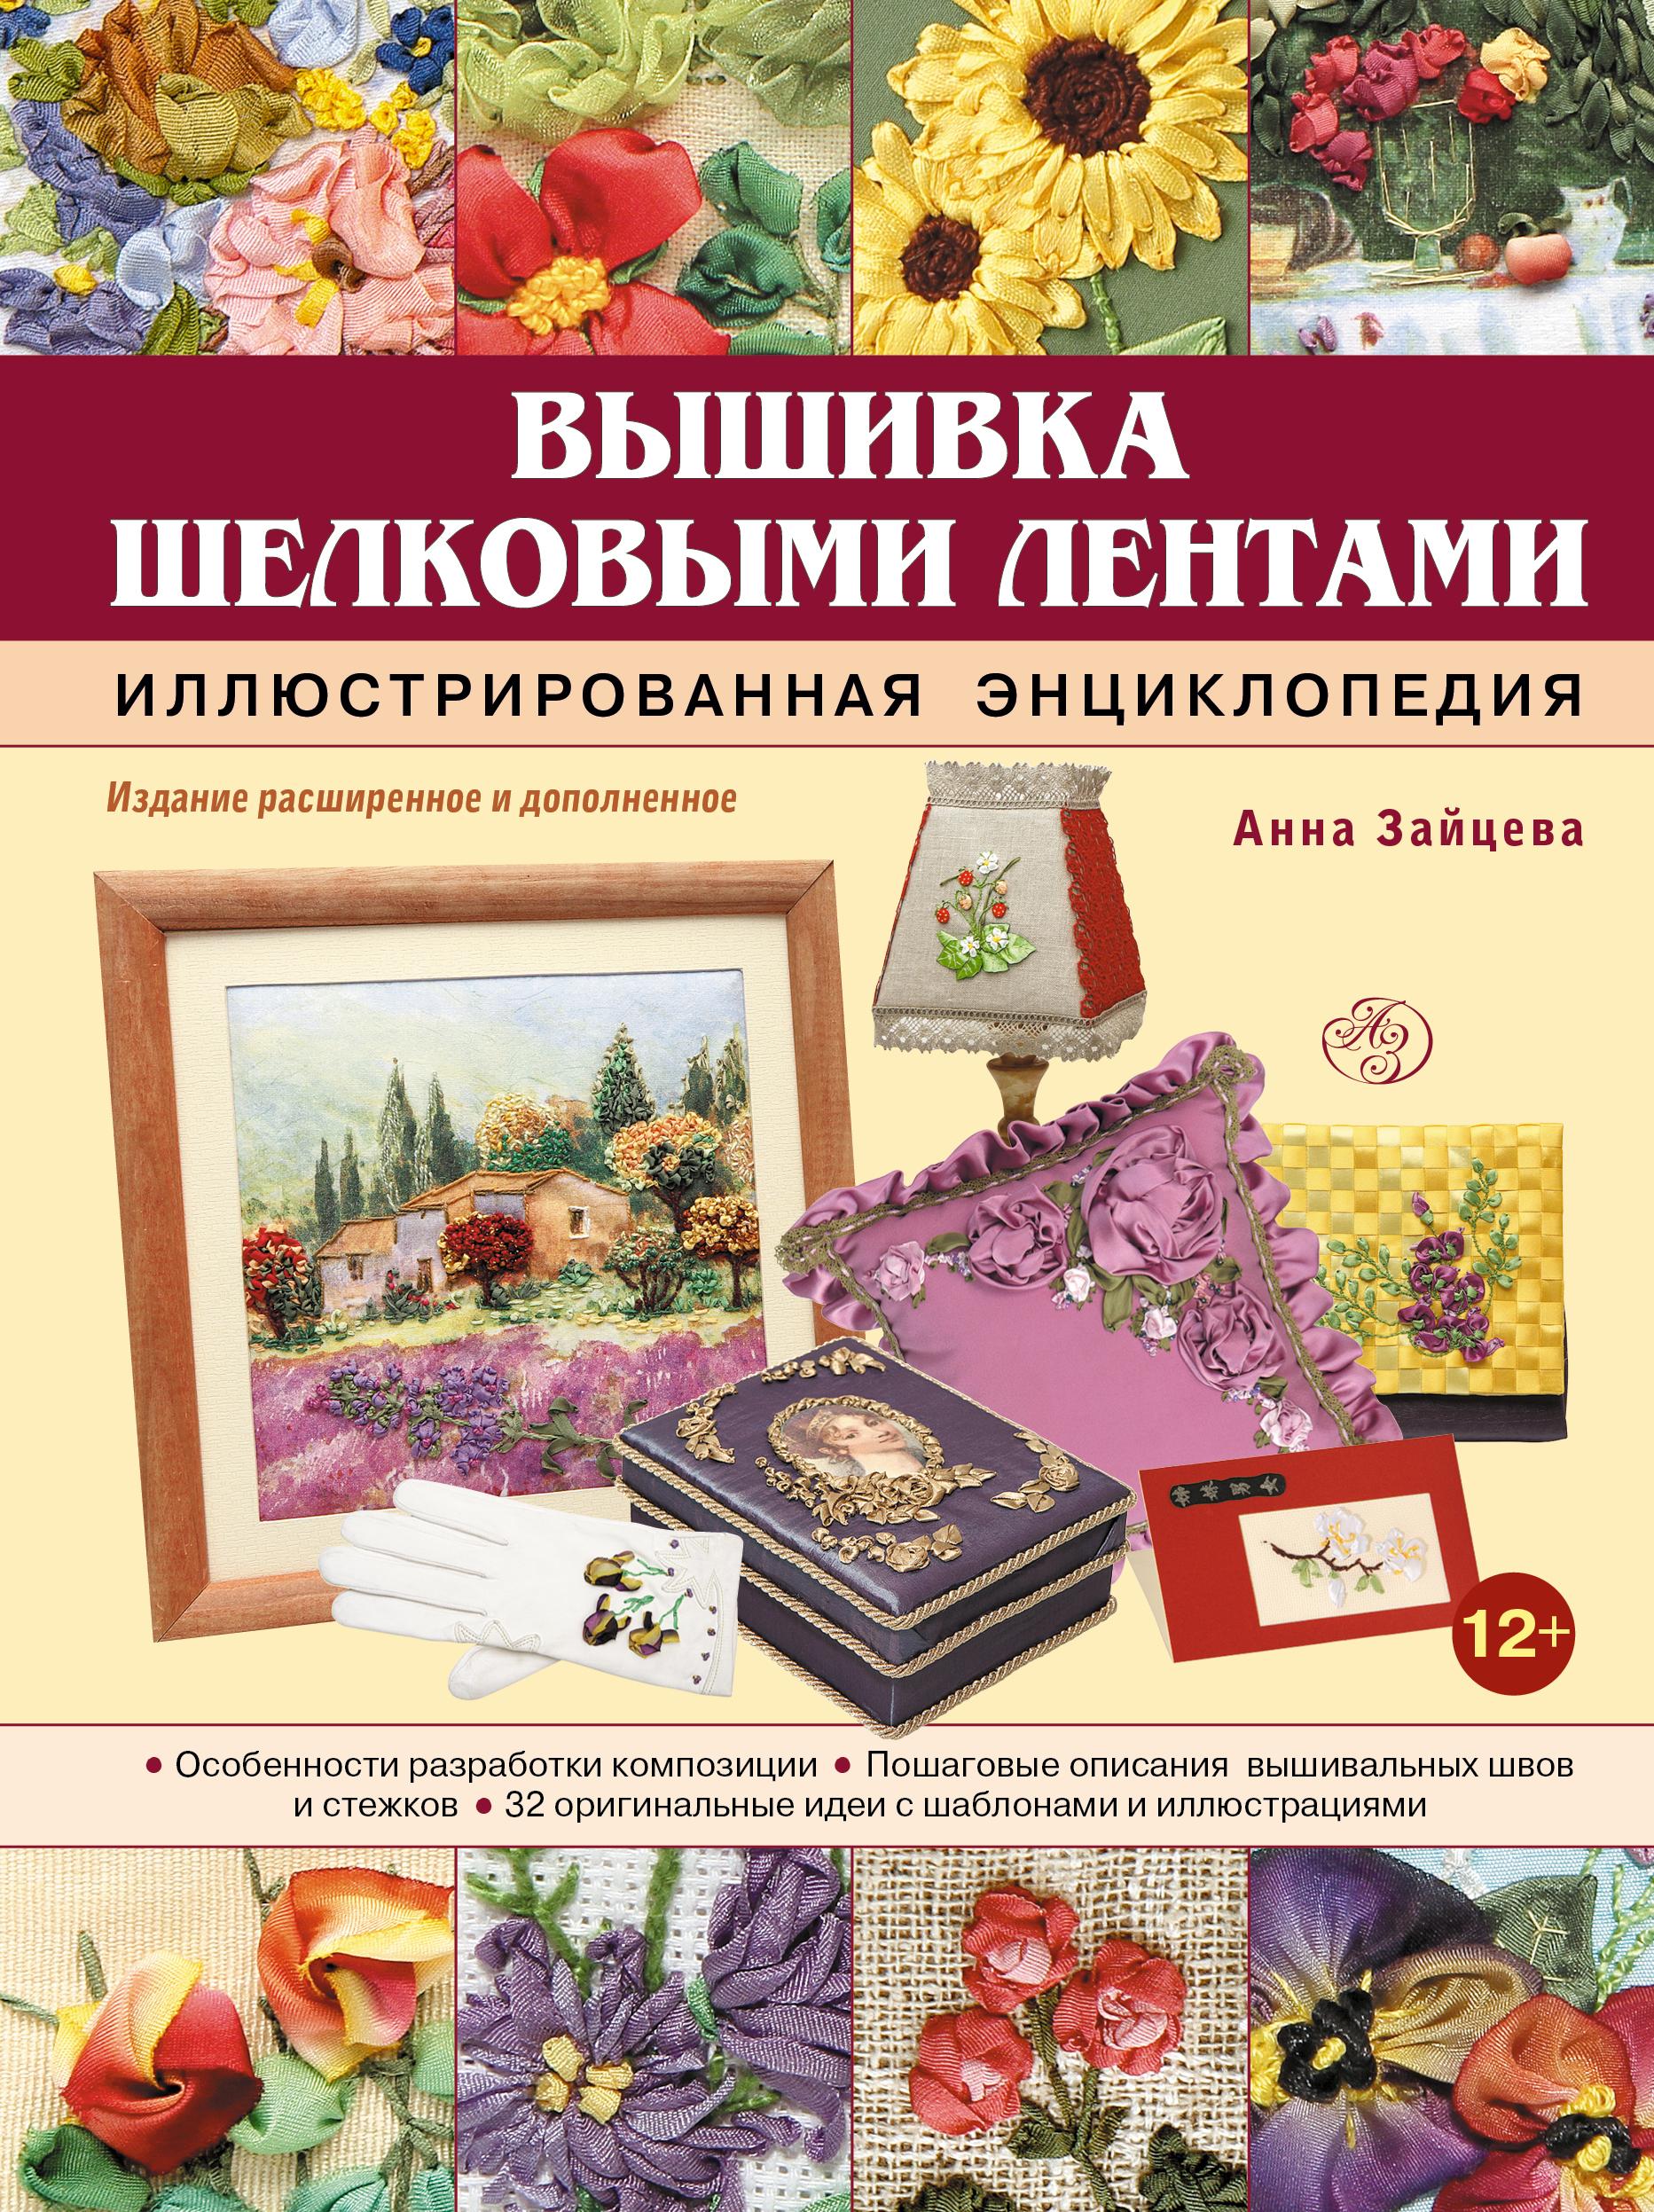 Вышивка шелковыми лентами. Иллюстрированная энциклопедия